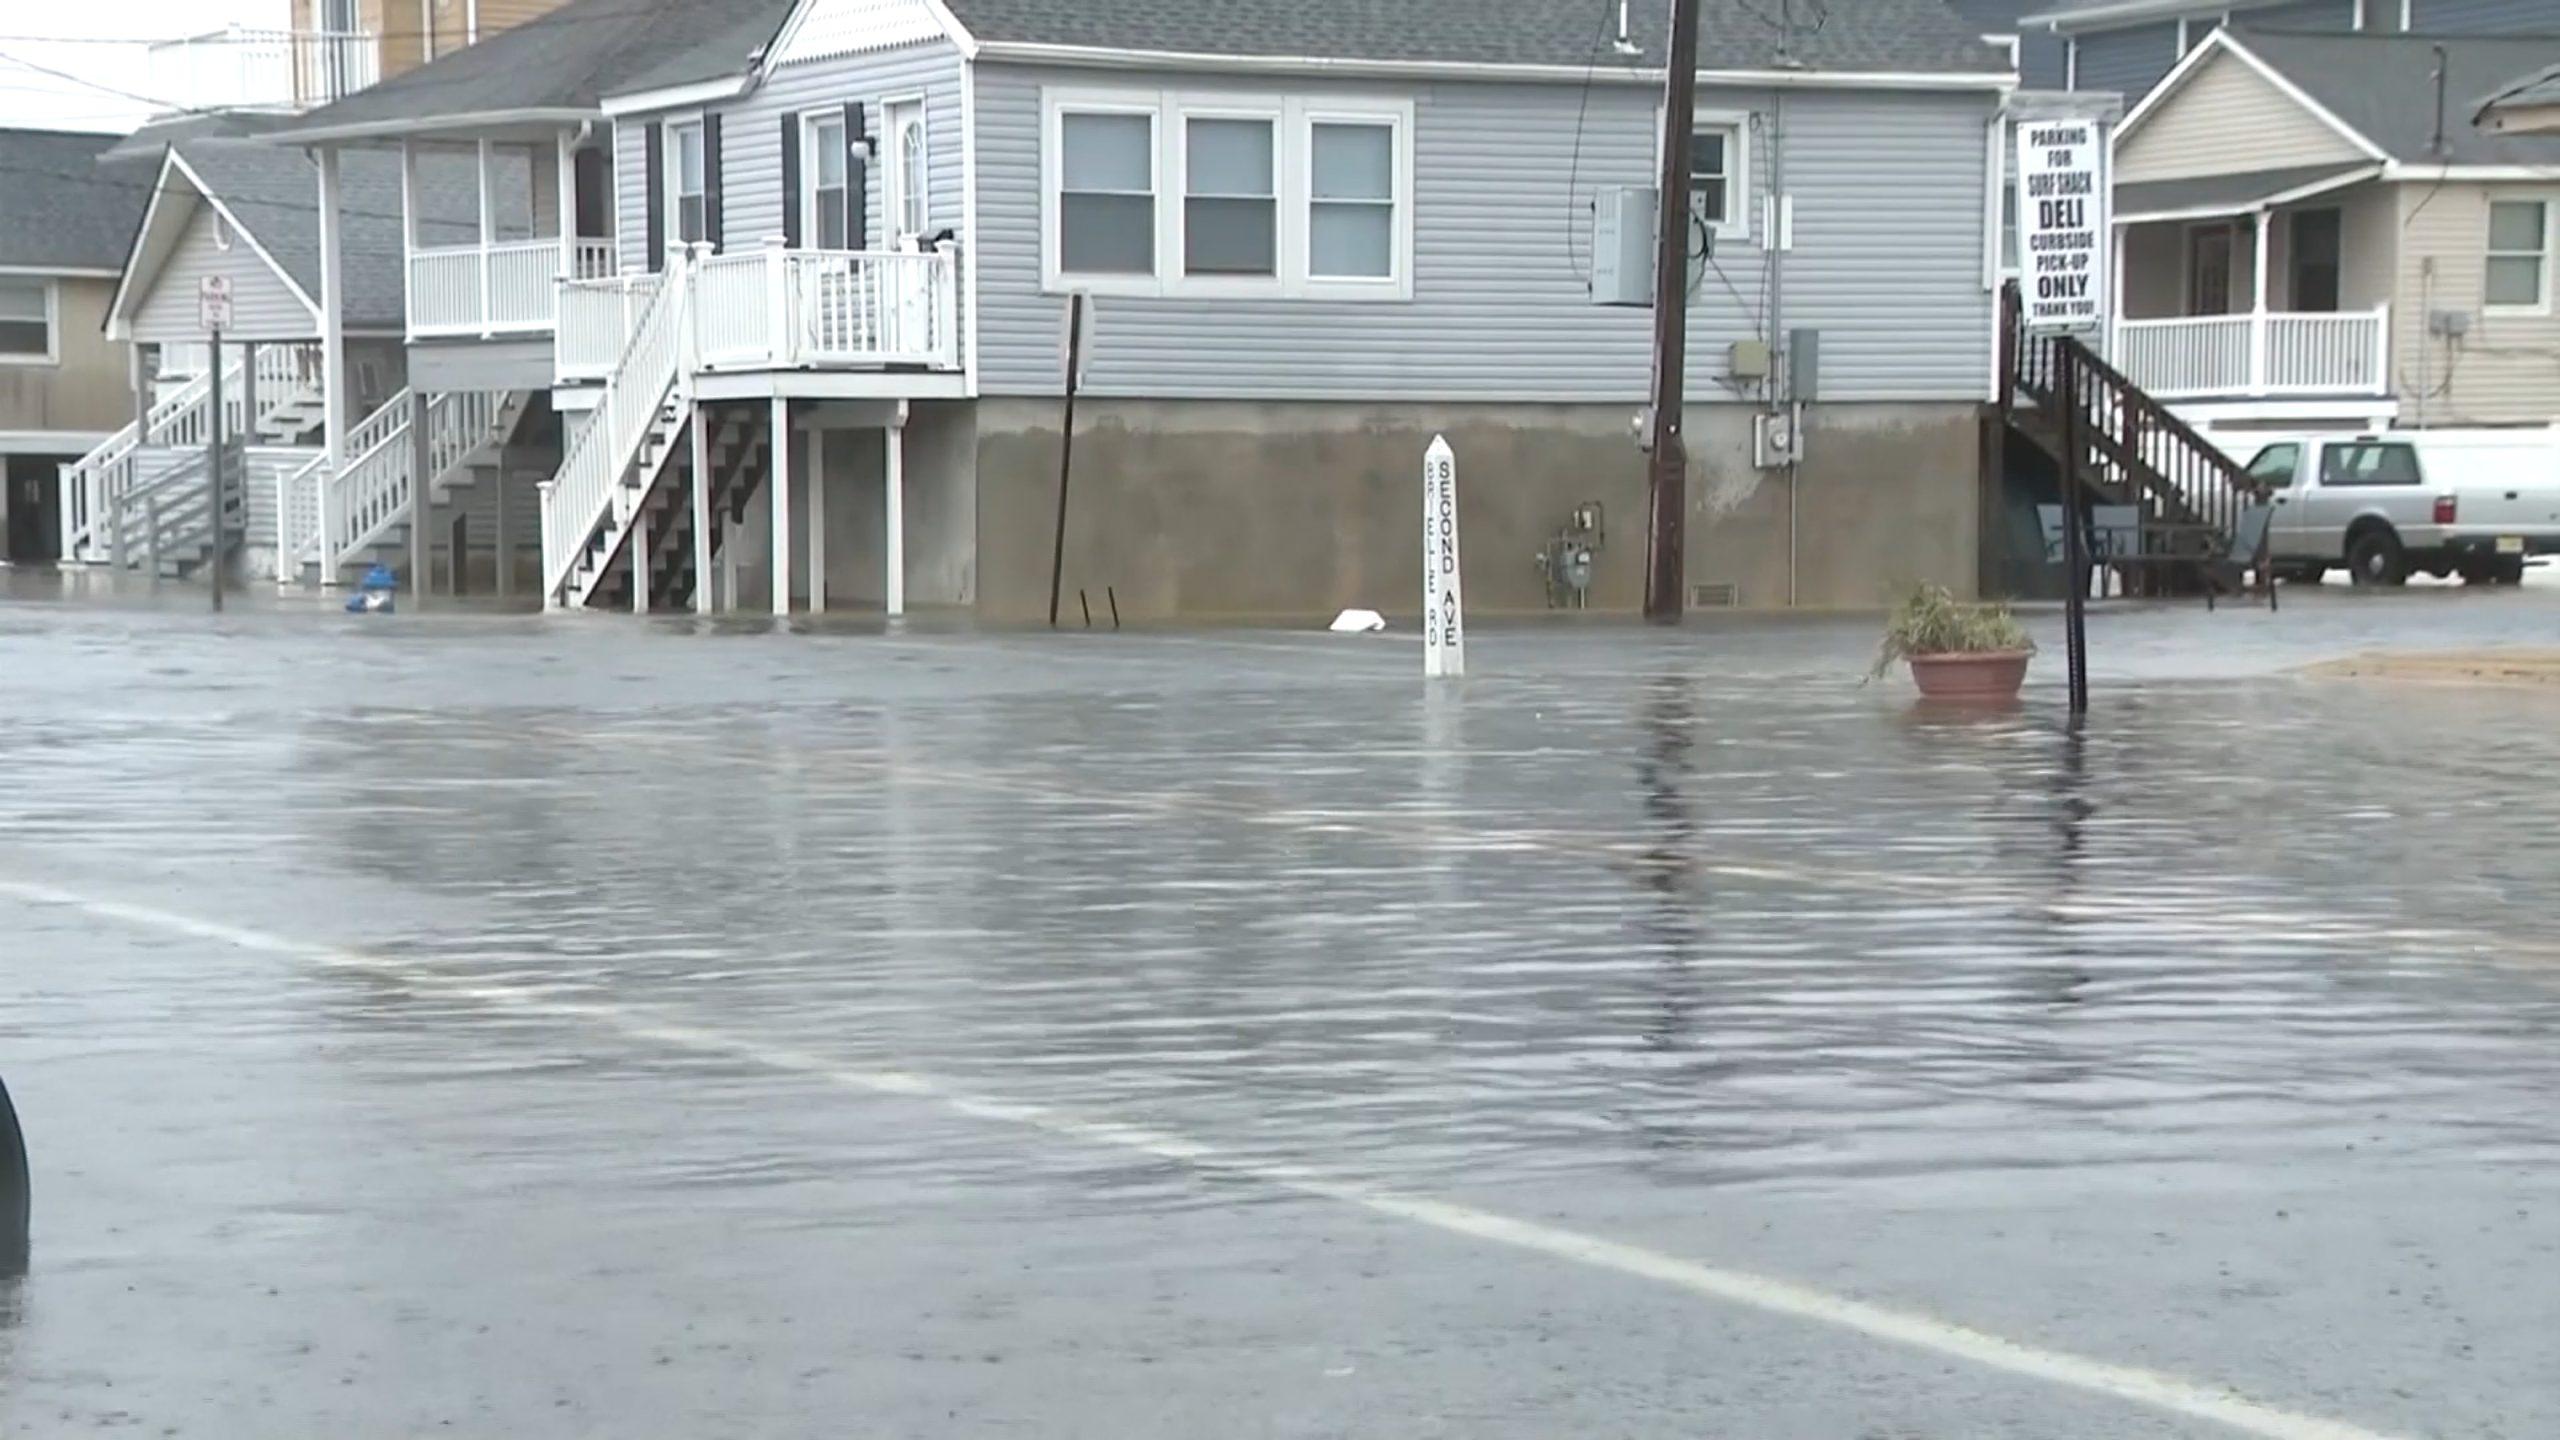 Asphalt und Beton als Beschleuniger von Überschwemmungen